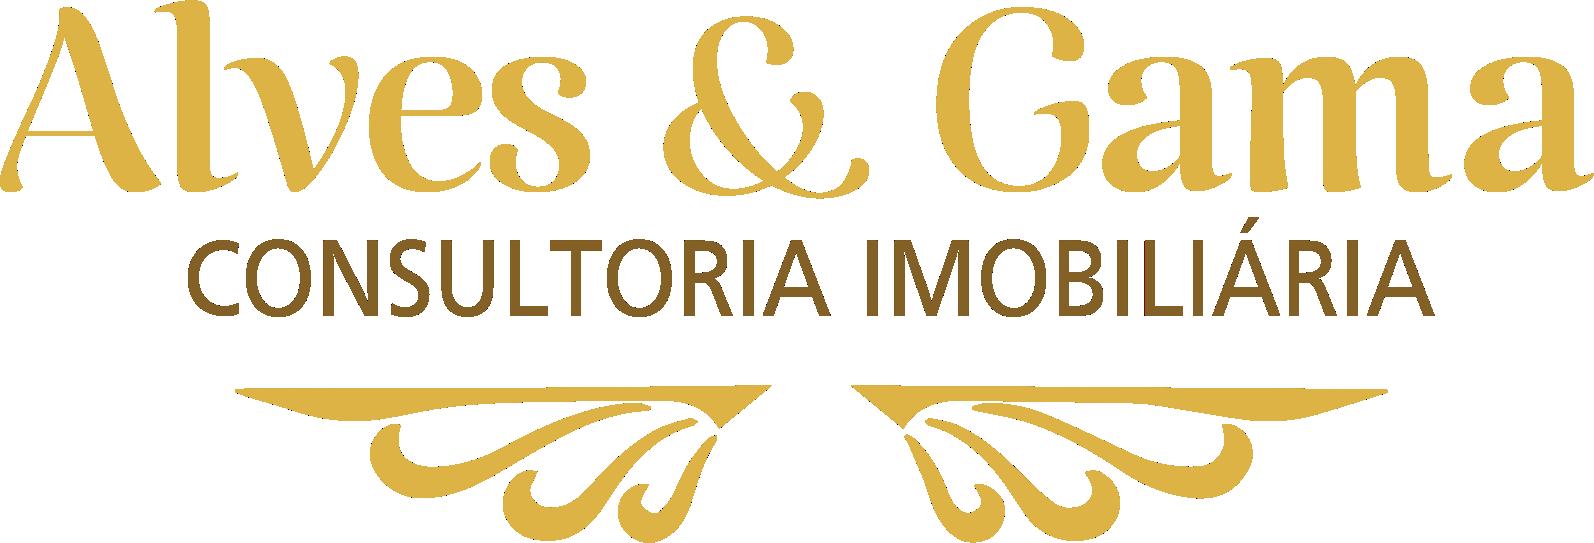 Alves & Gama Consultoria Imobiliária